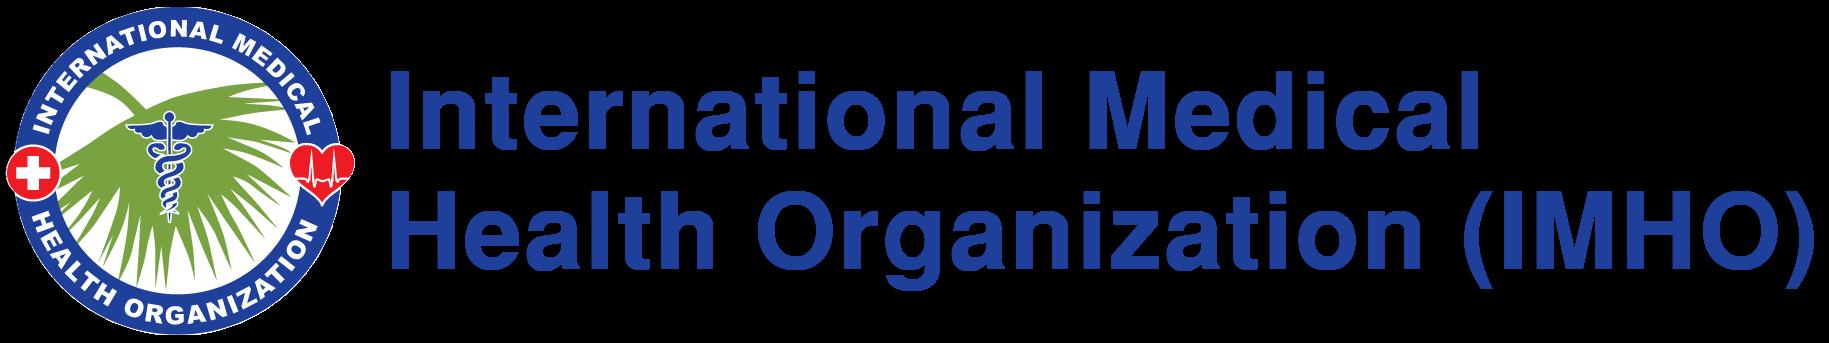 International Medical Health Organization